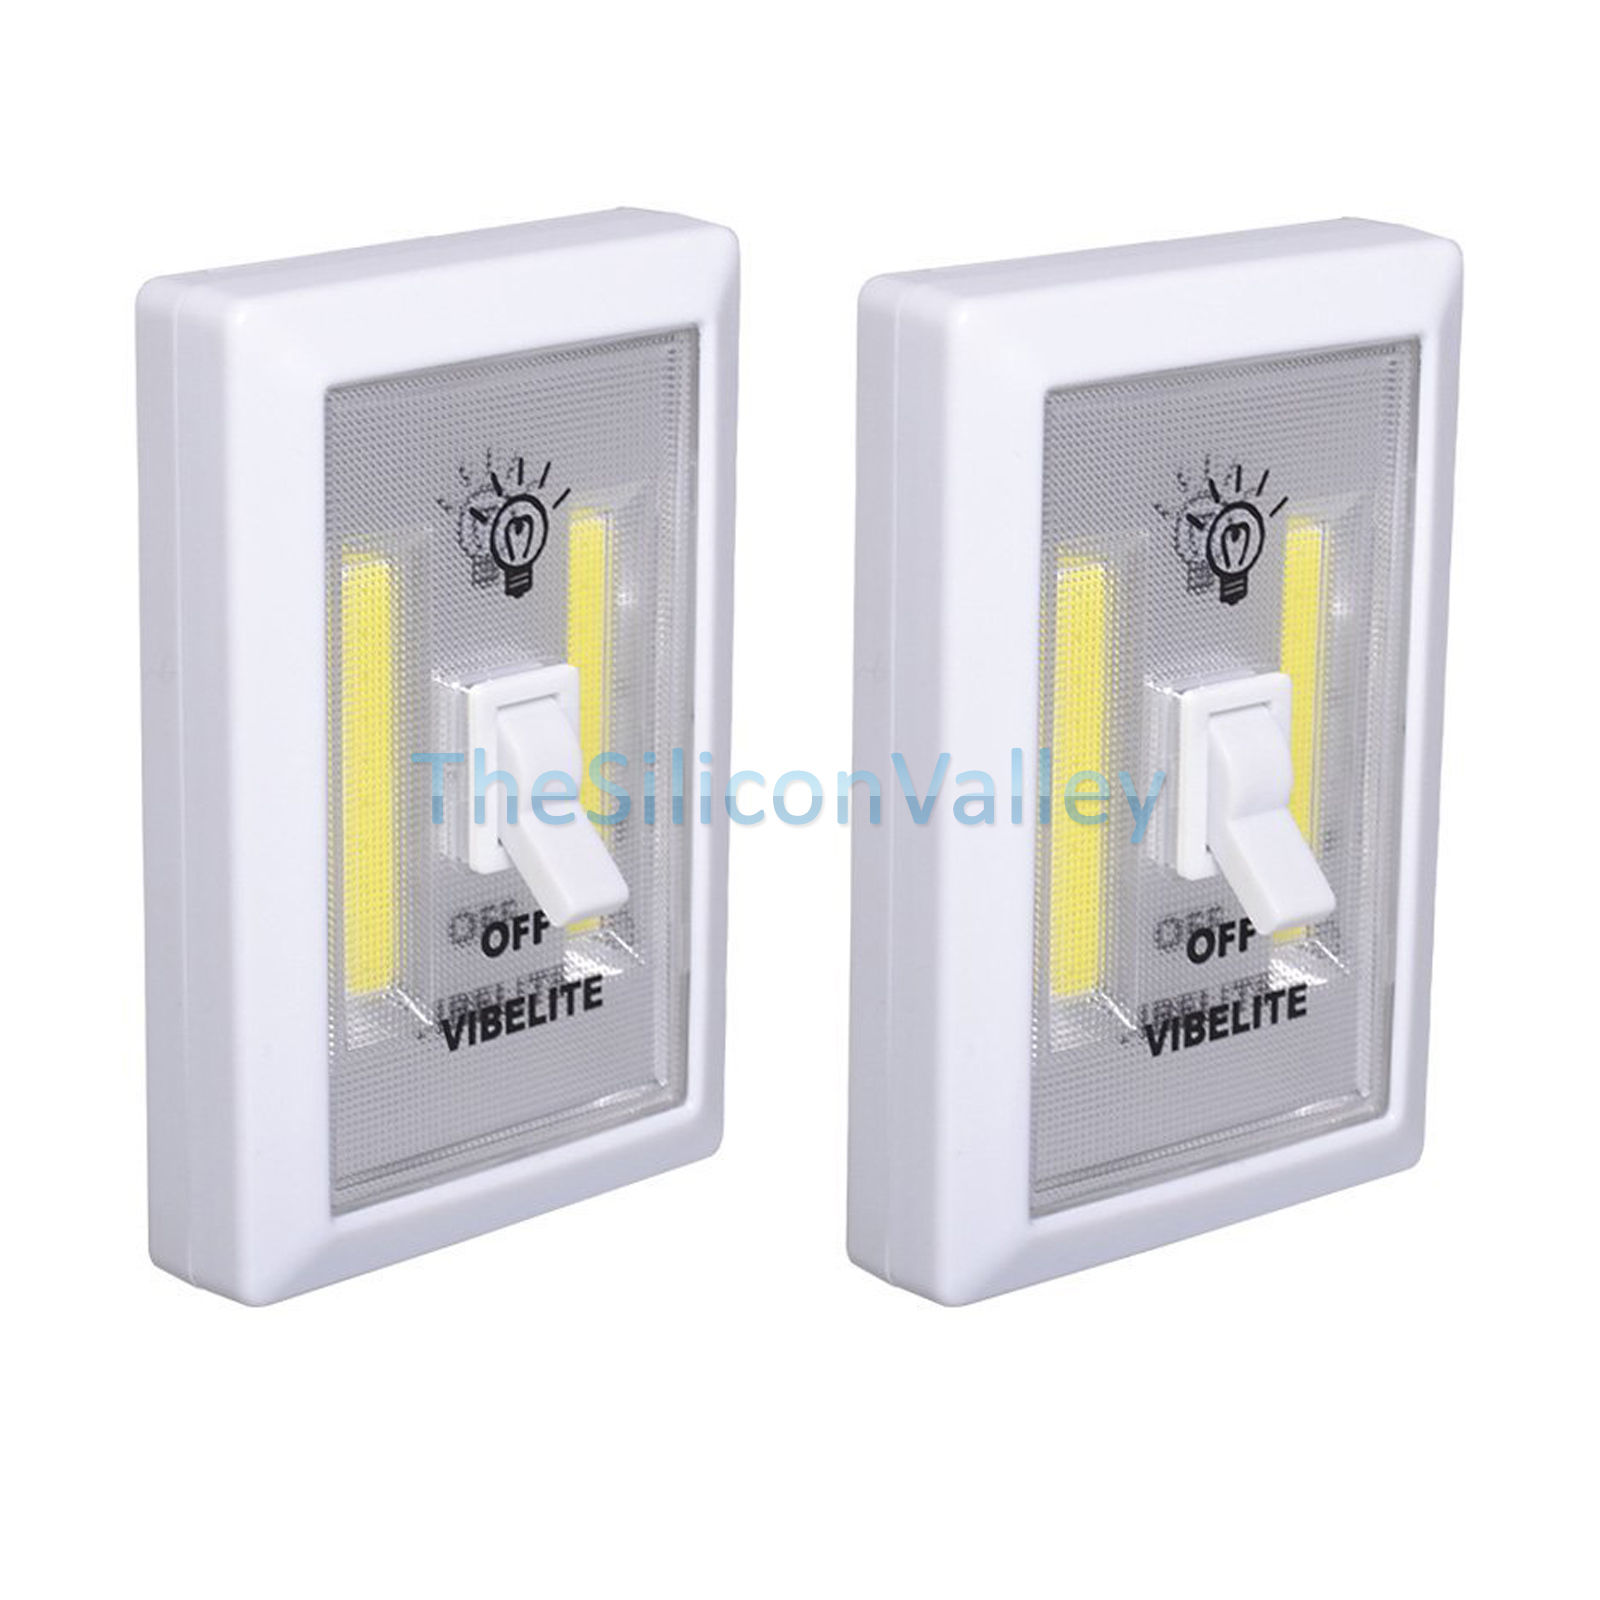 2x 1x Cob Led Wall Switch Wireless Battery Operated Closet